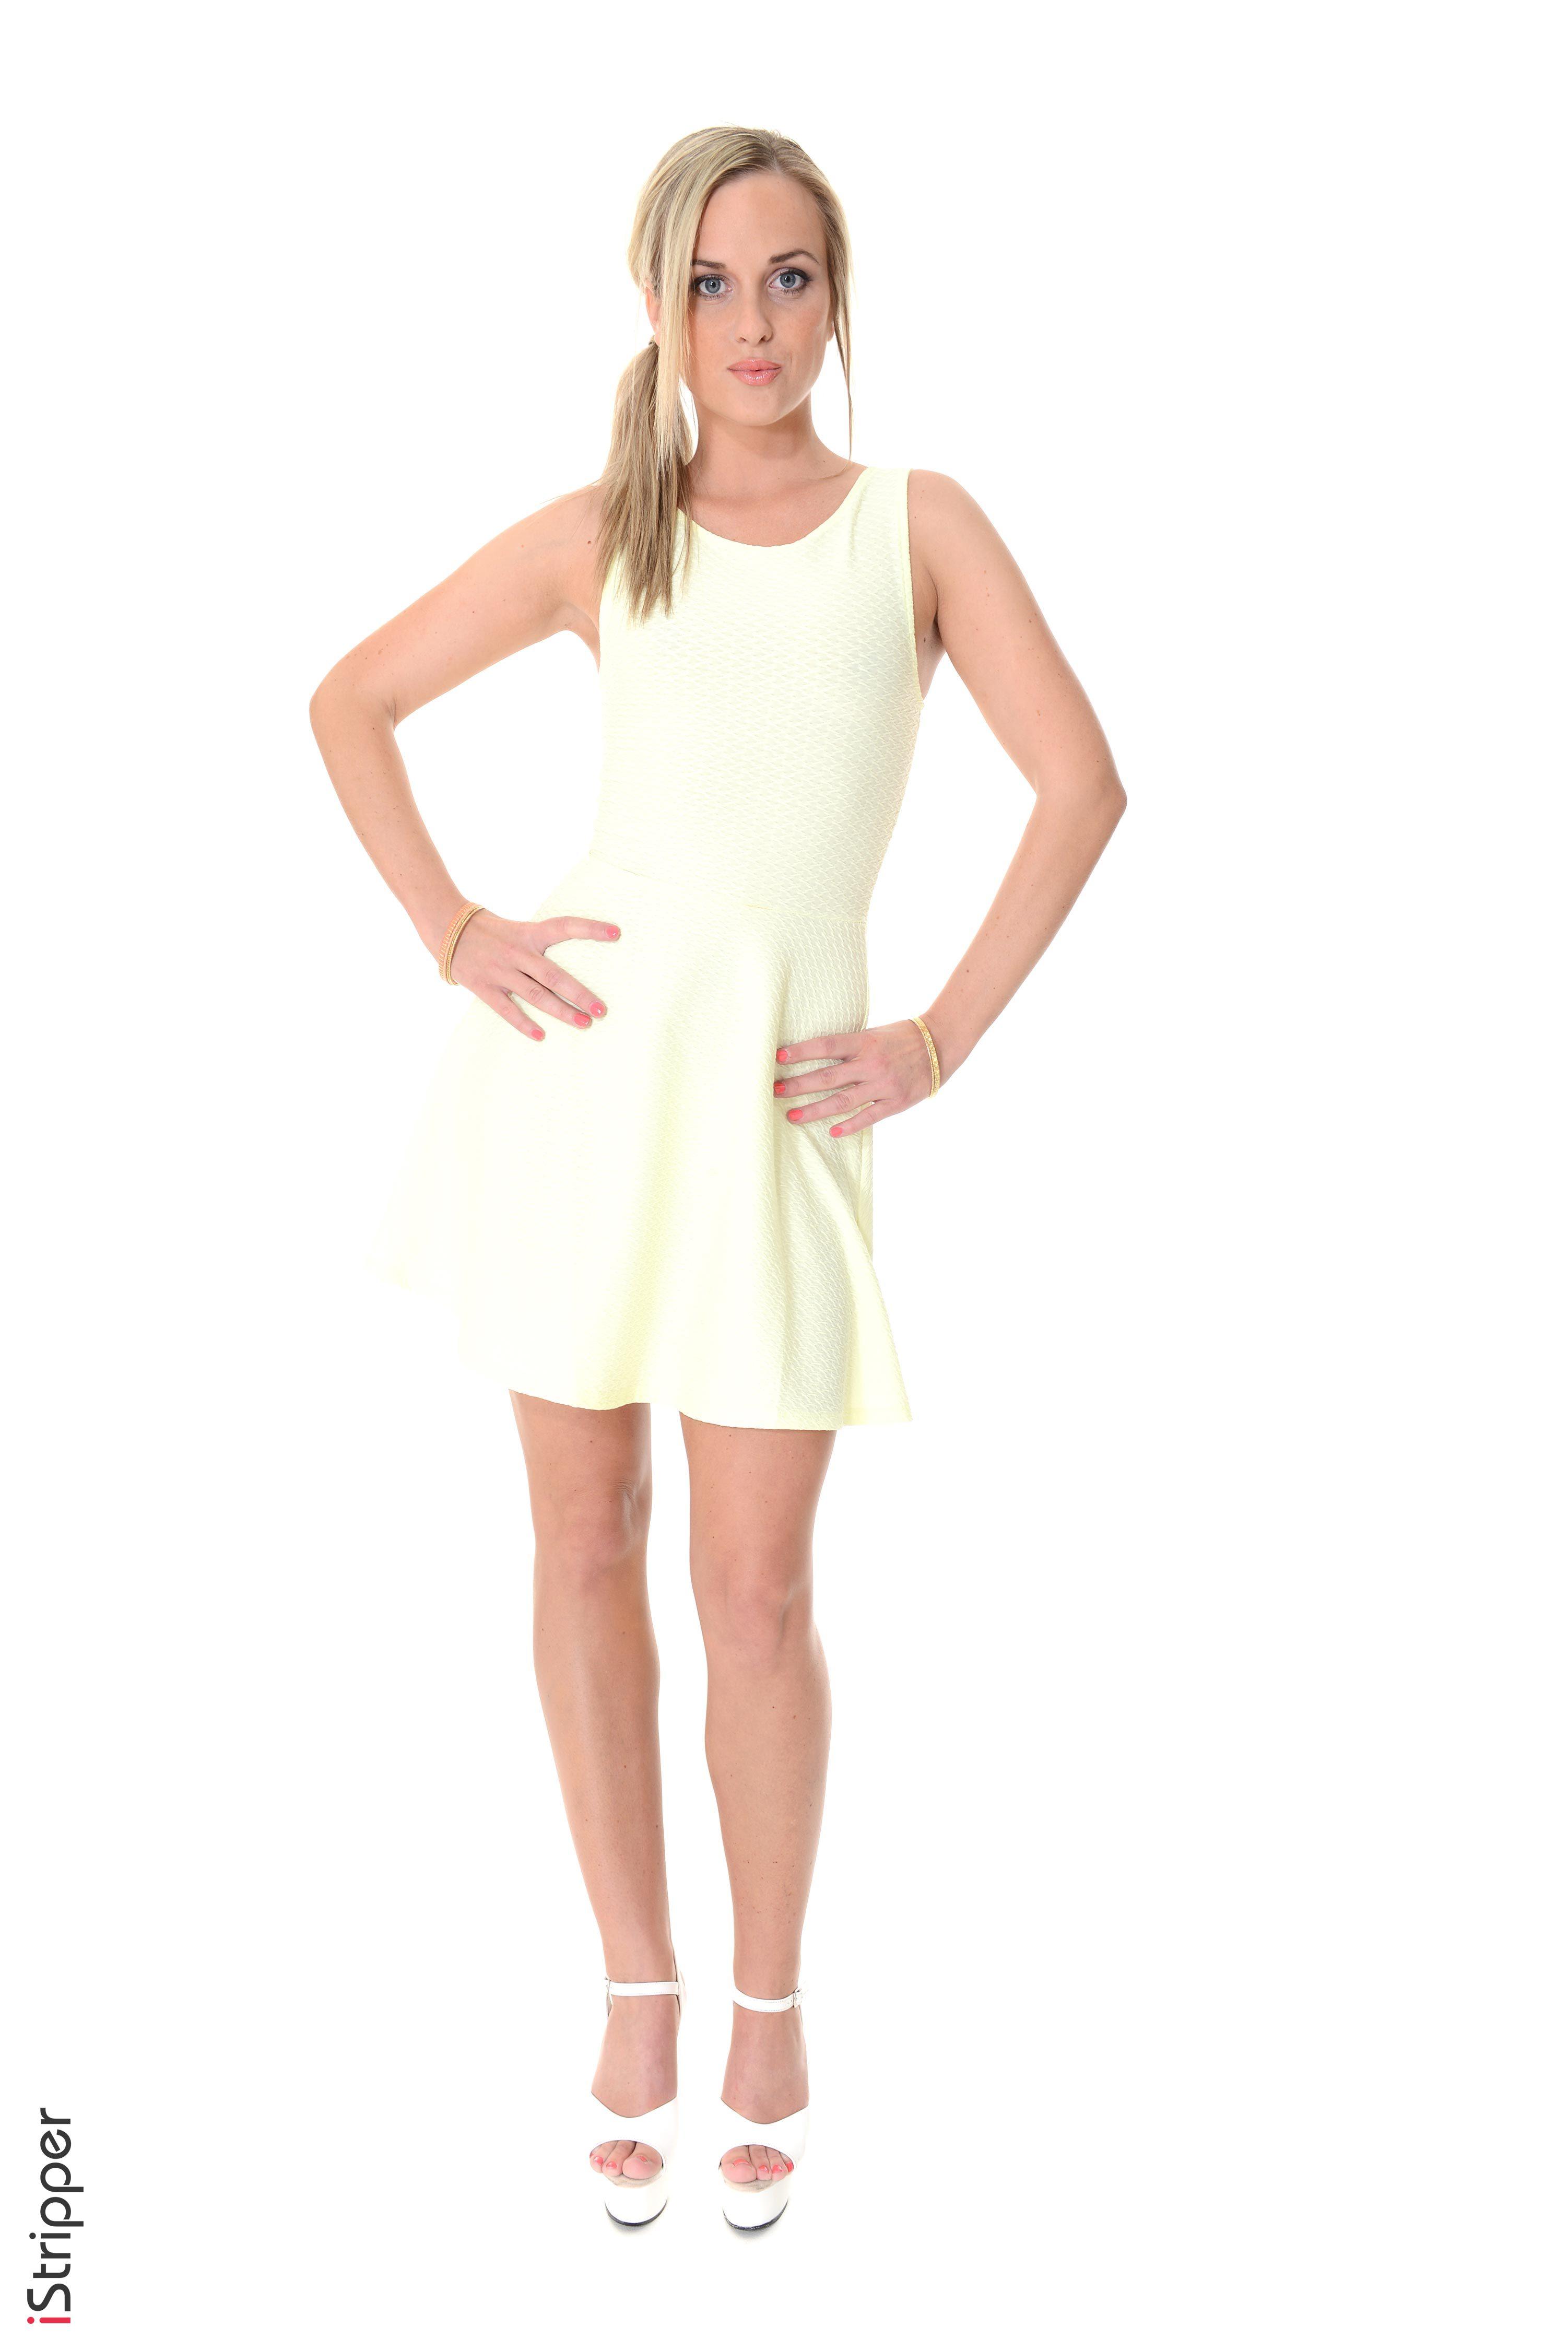 Desktop Hintergrundbilder Vinna Reed Blondine iStripper junge Frauen Bein Hand Weißer hintergrund Kleid Stöckelschuh  für Handy Blond Mädchen Mädchens junge frau High Heels